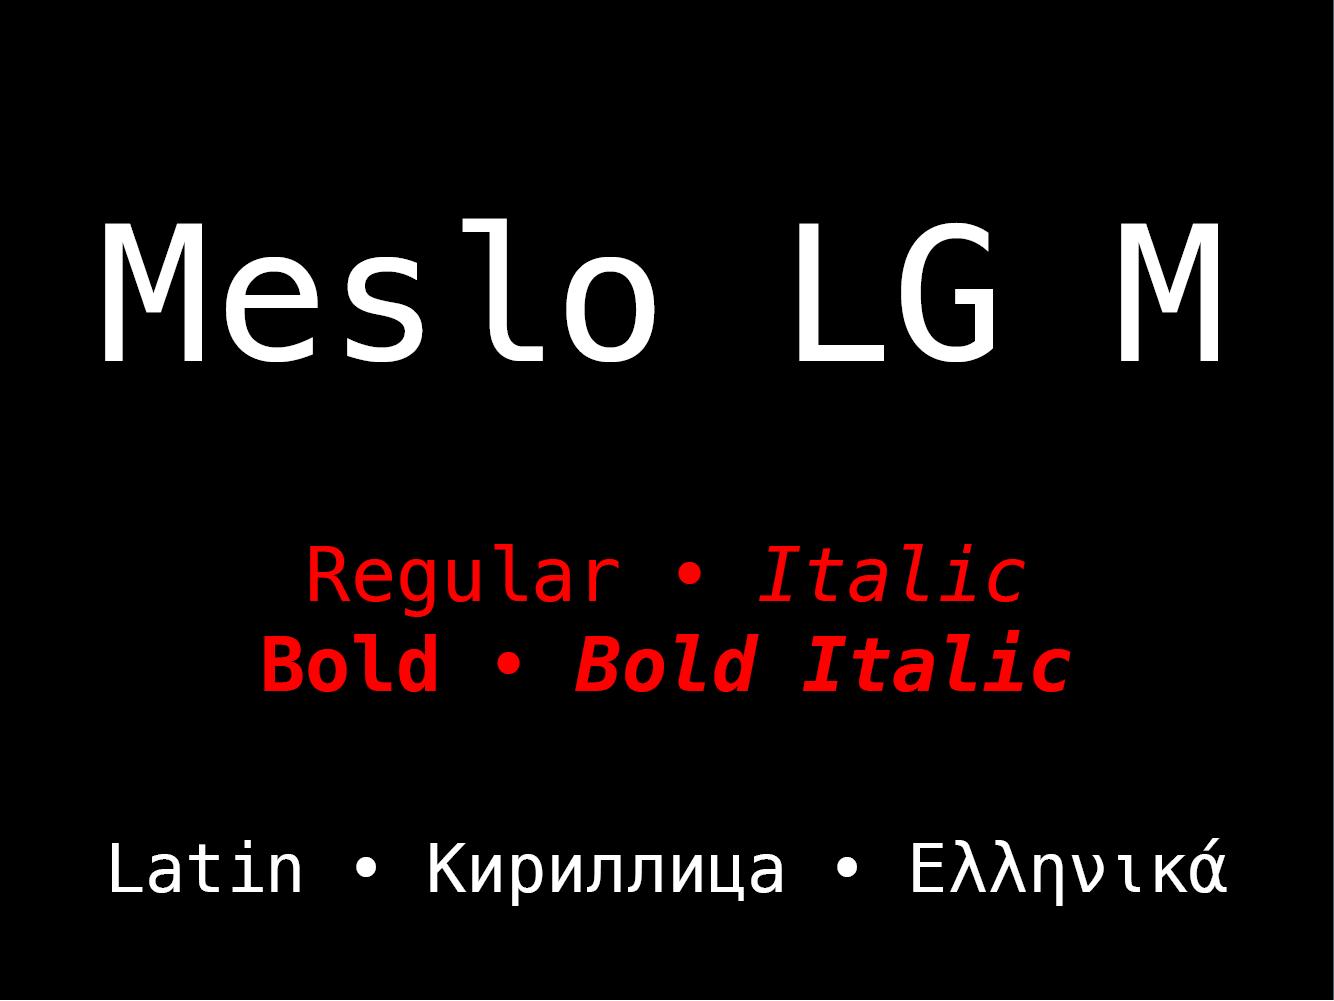 Meslo LG M